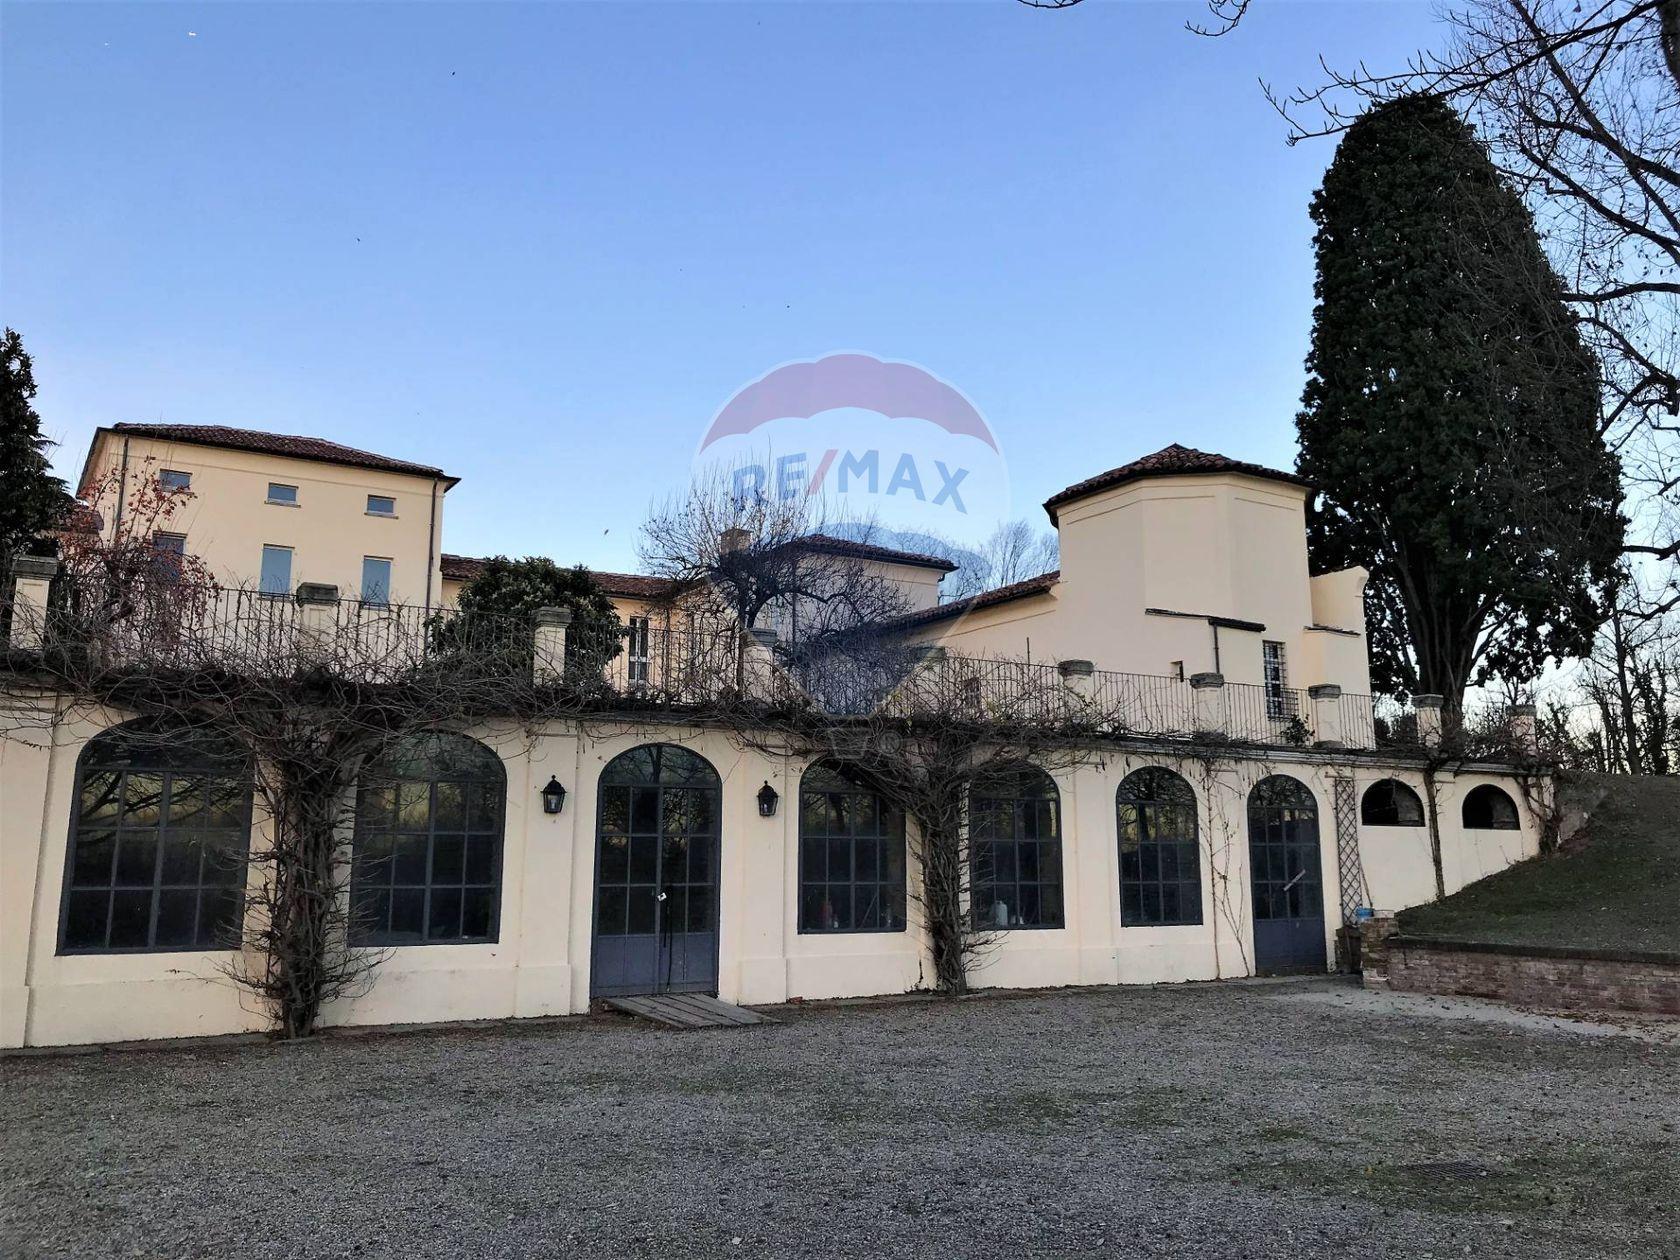 Appartamento Avuglione, Marentino, TO Vendita - Foto 37